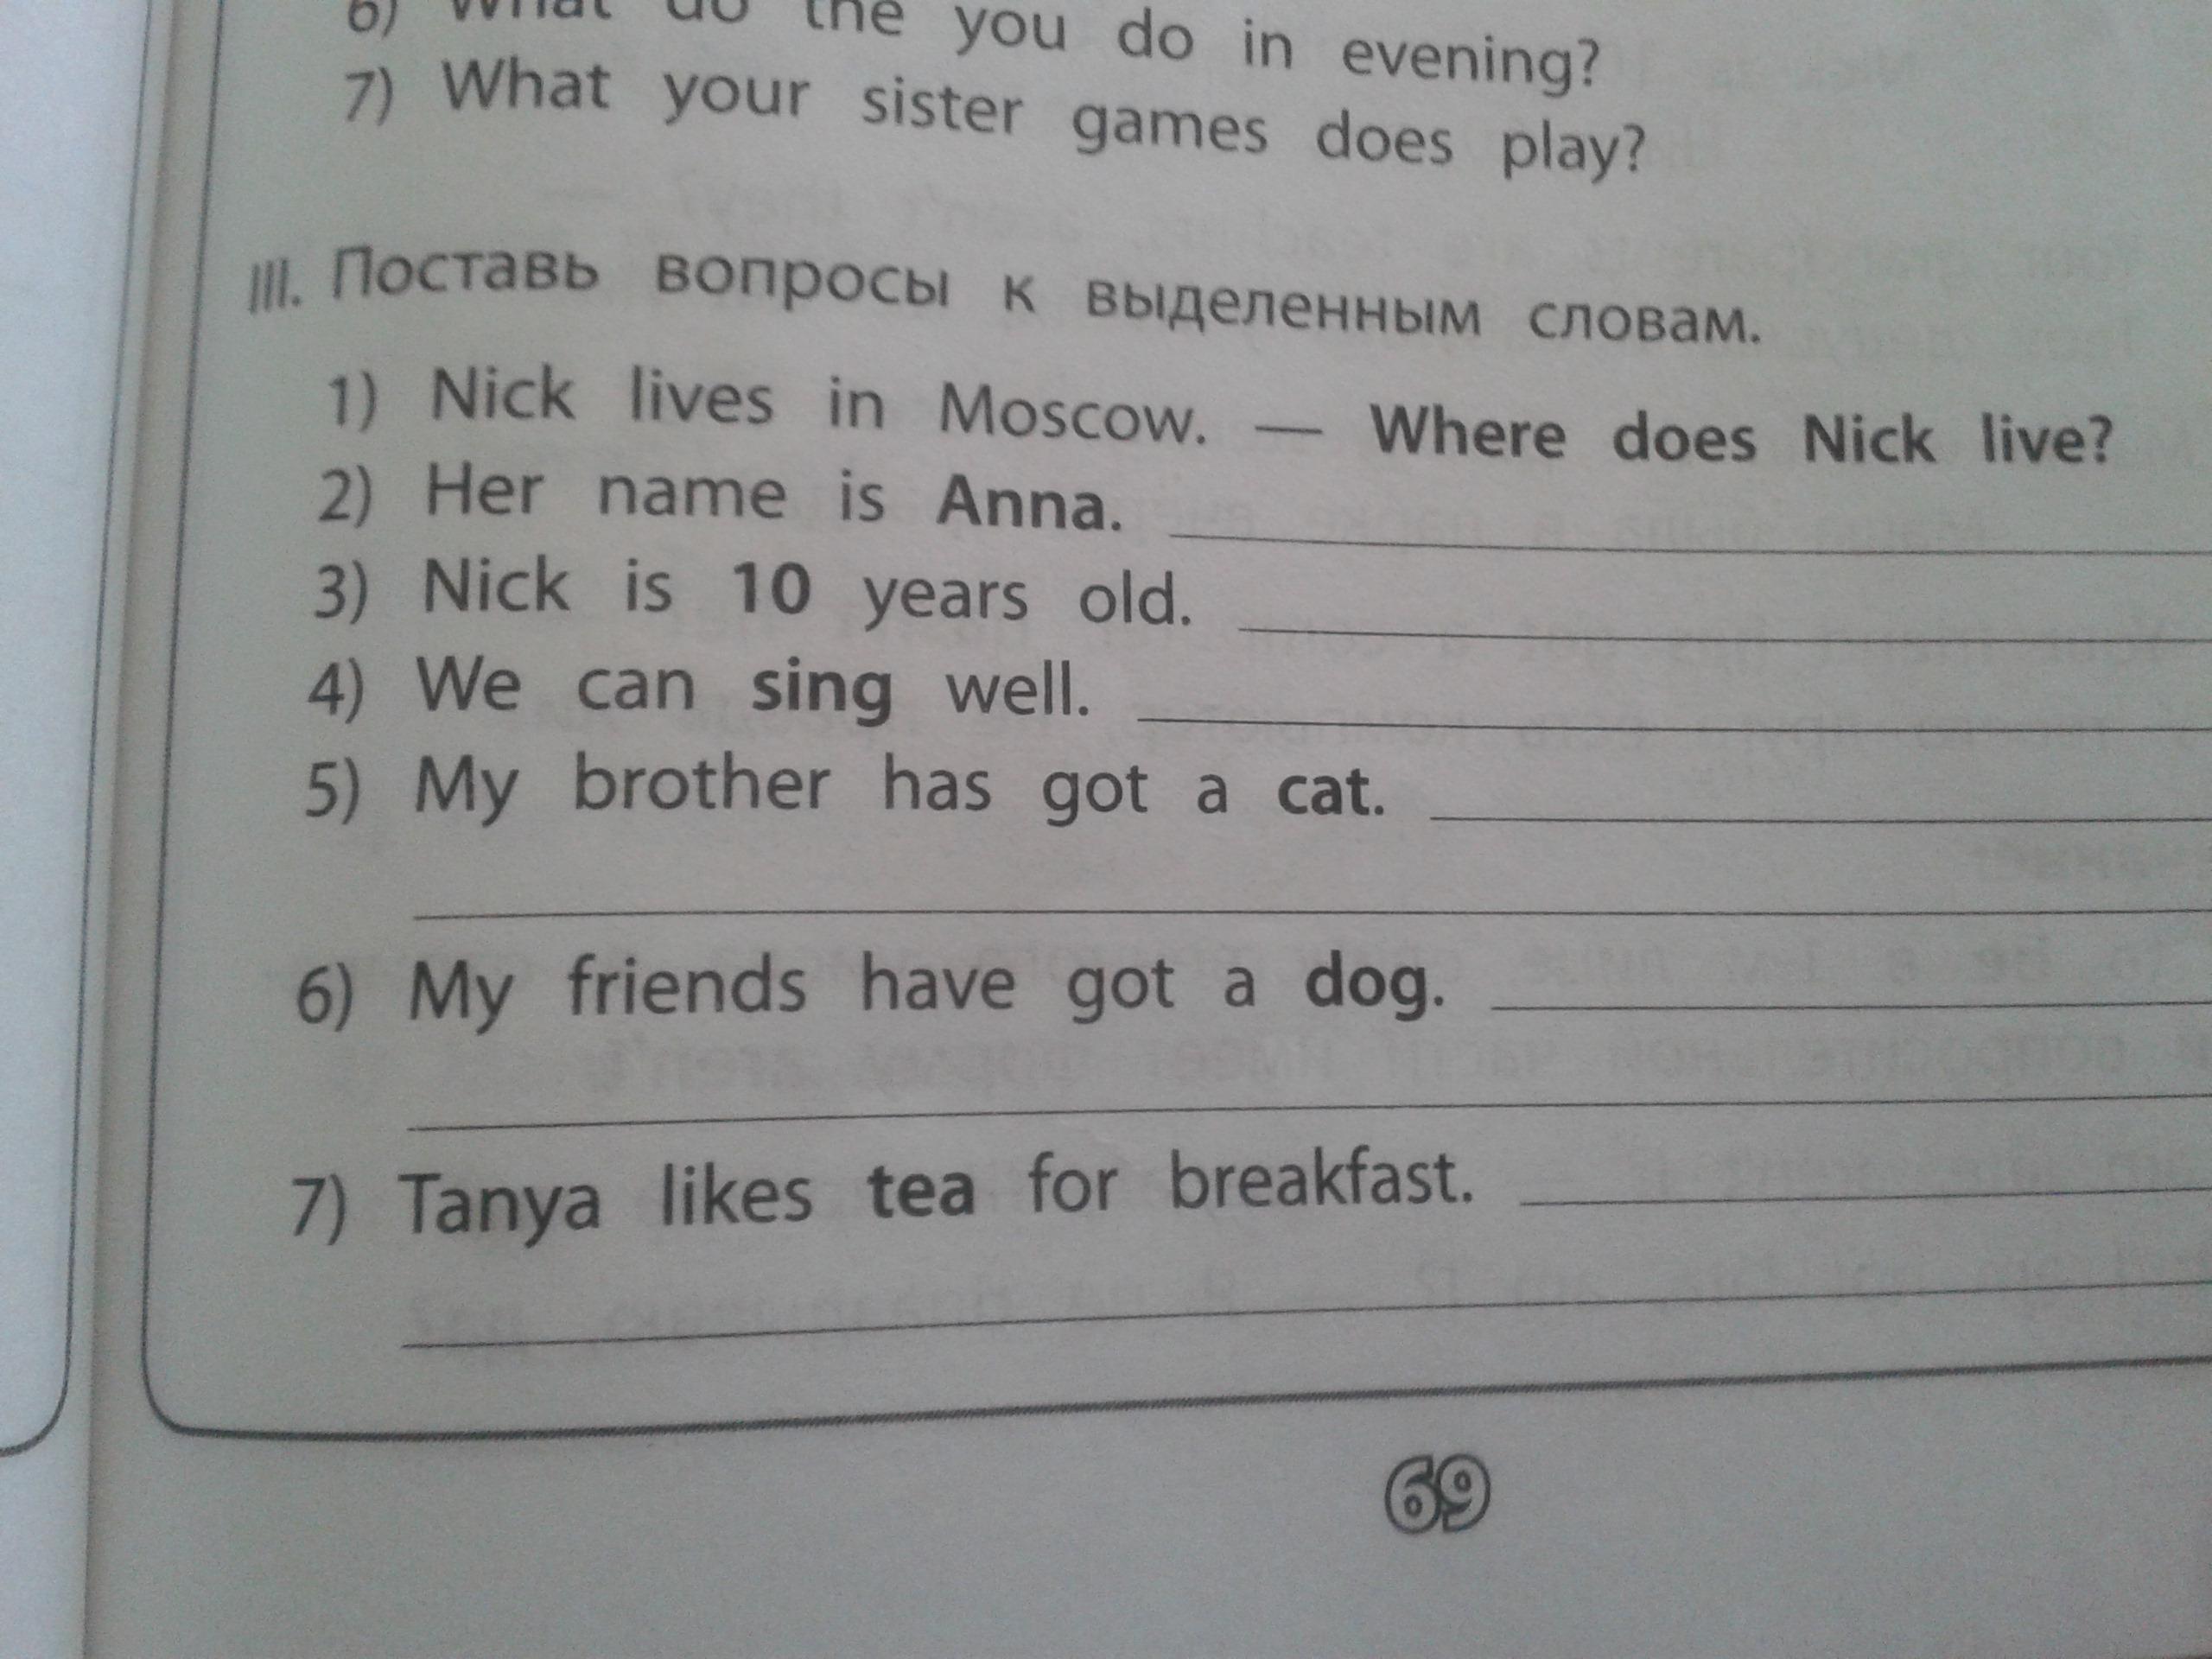 Помогите с английским языком мне пожалуйста